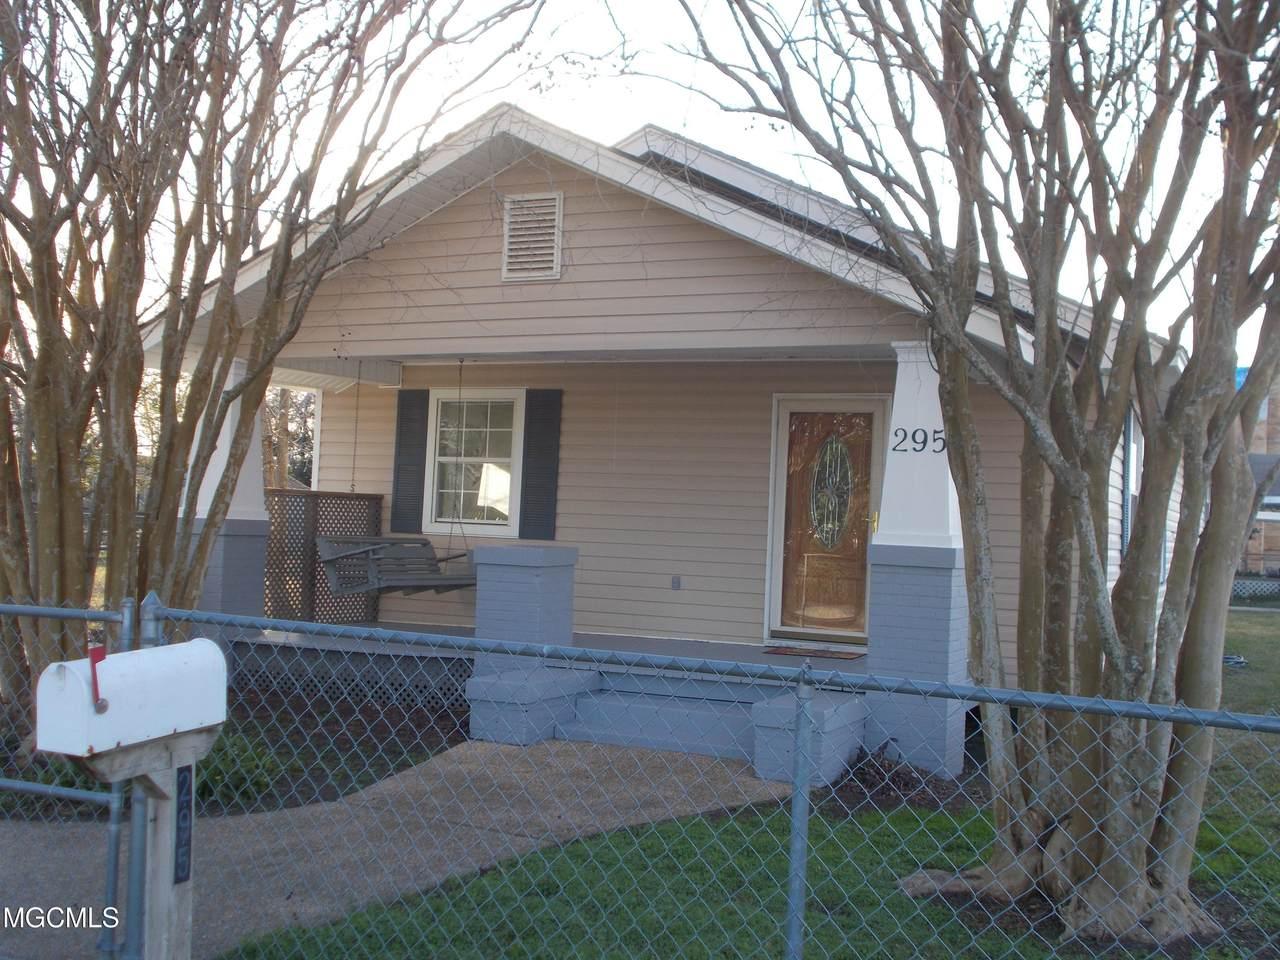 295 Keller Ave - Photo 1